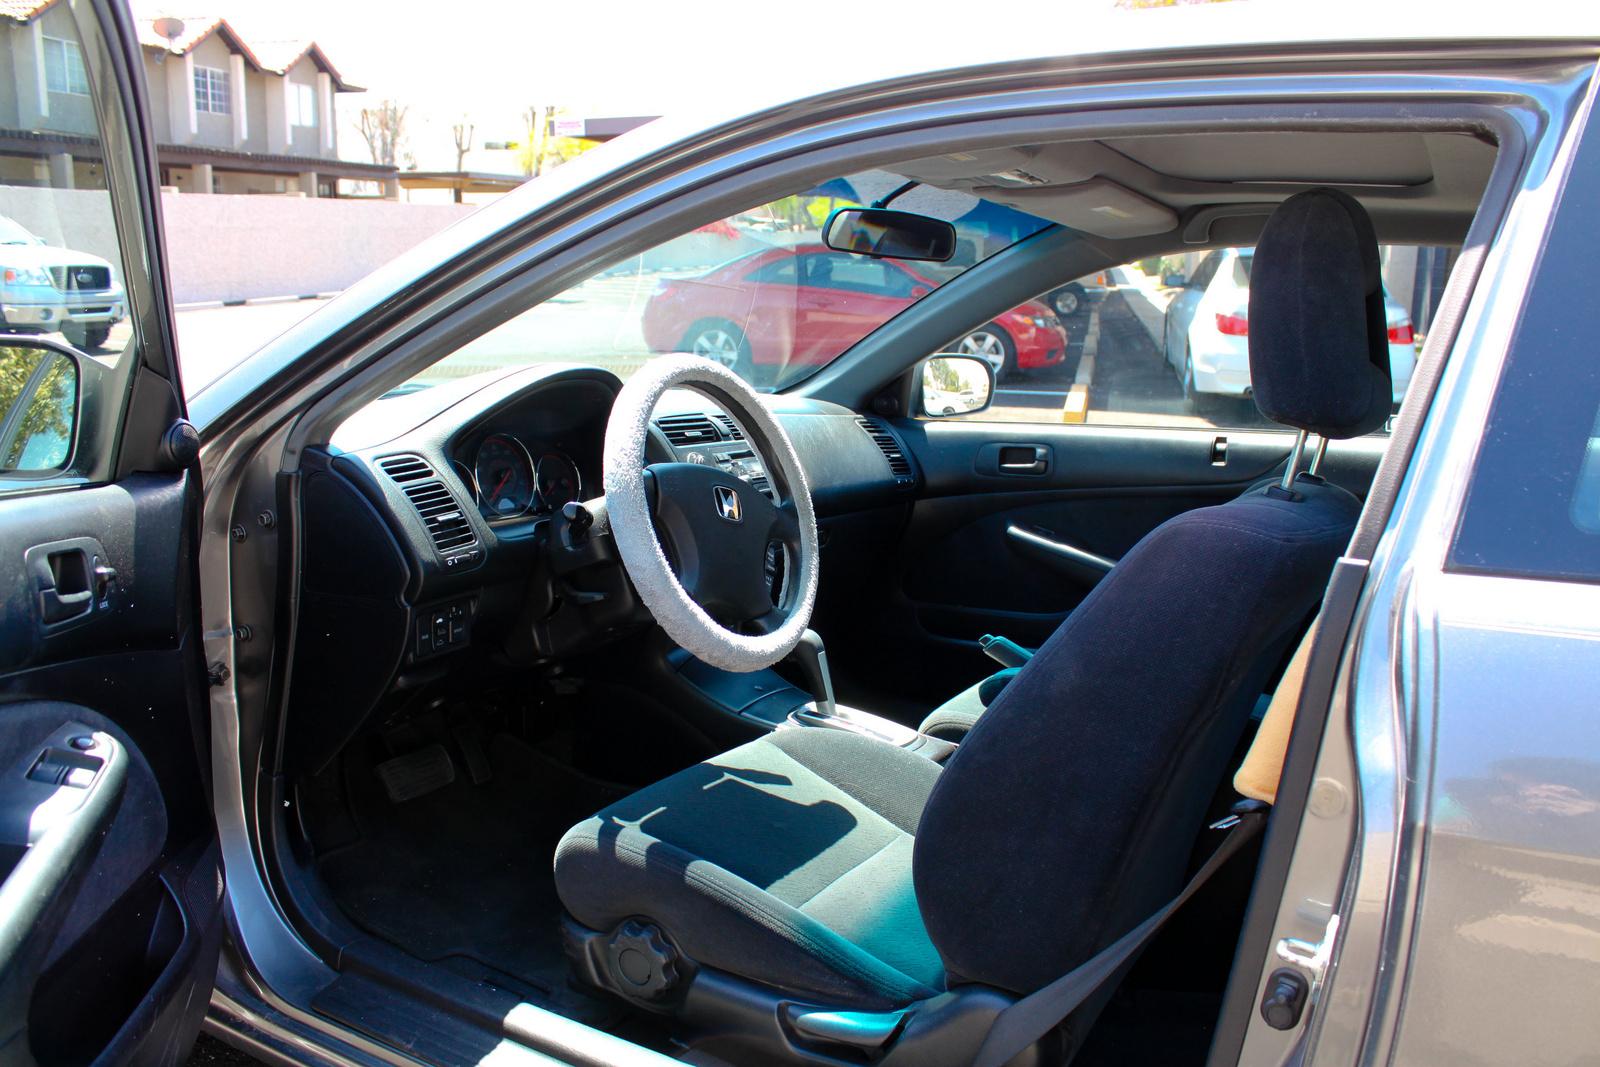 2004 honda civic pictures cargurus for 2004 honda civic ex coupe interior